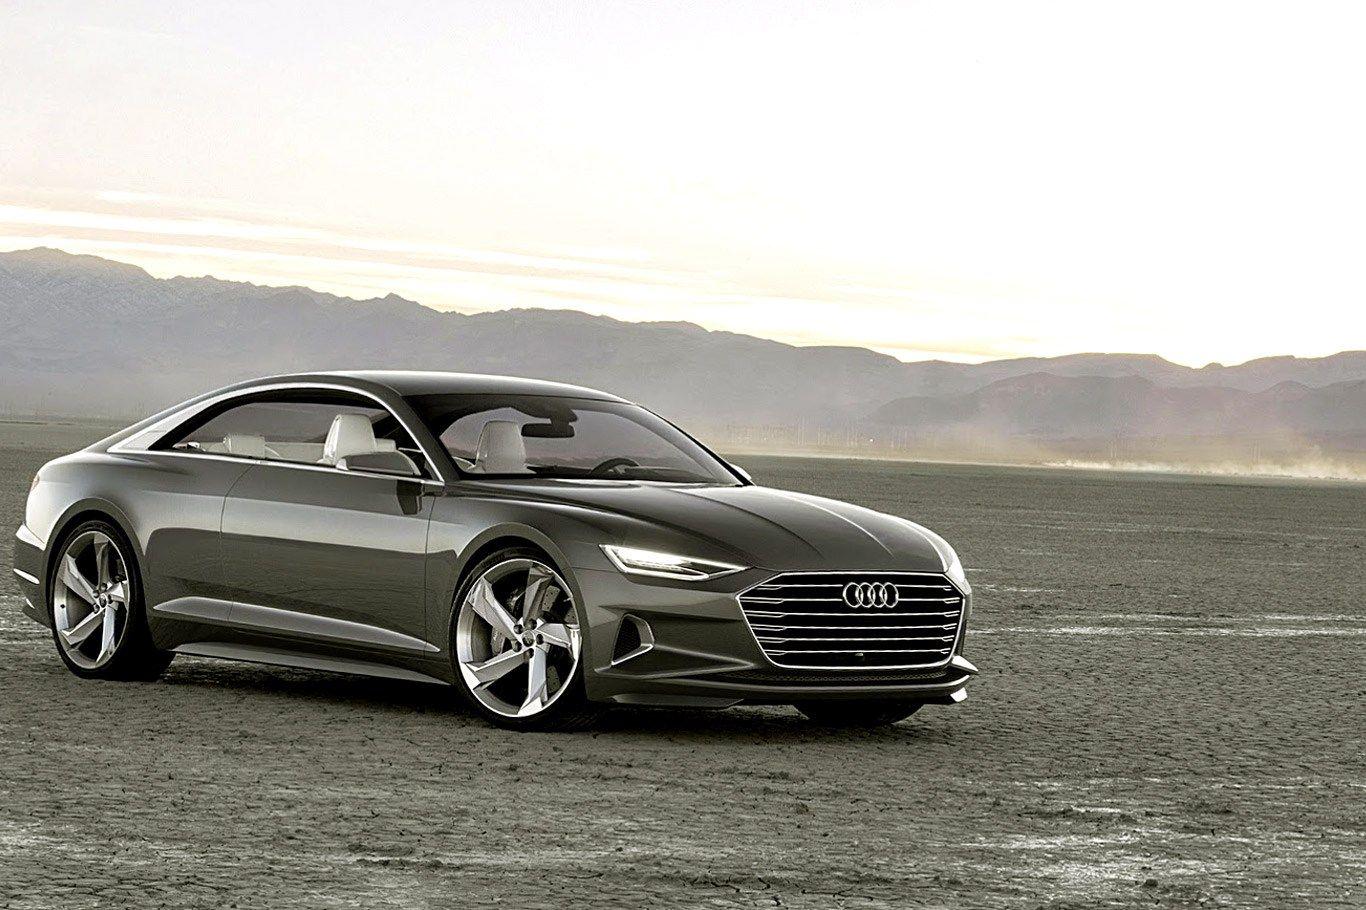 Kelebihan Kekurangan Audi A8 Coupe Spesifikasi